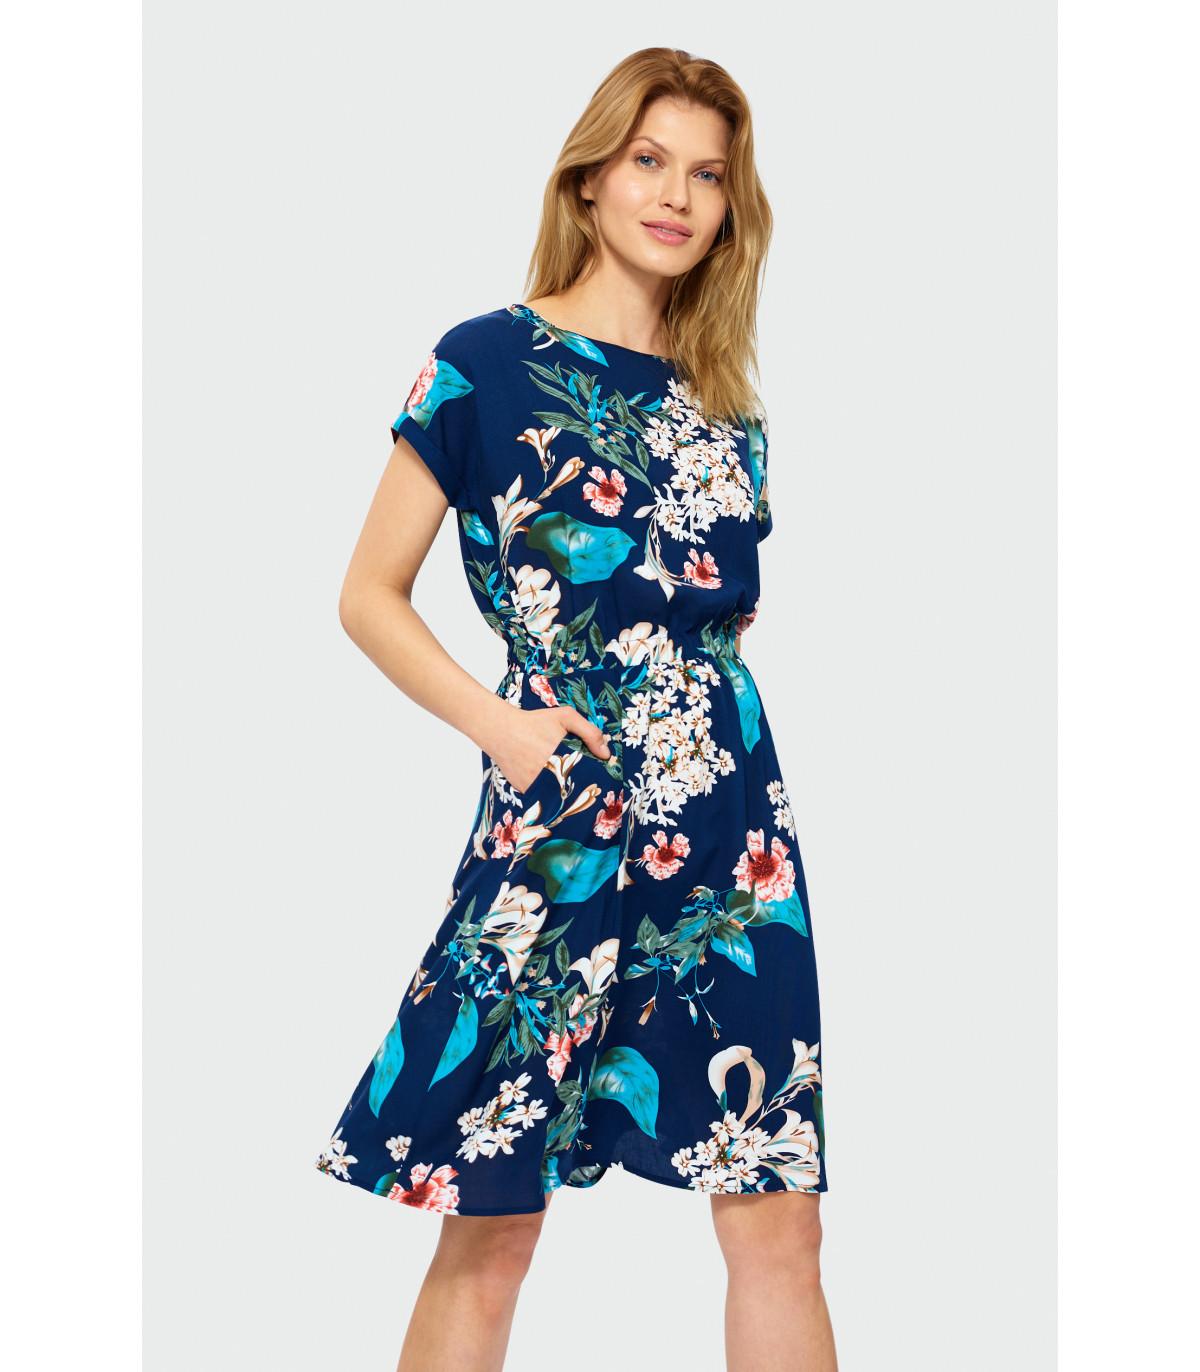 dc6711d06f Luźna sukienka w kwiaty Rozmiar 38 Kolor S19FLW80